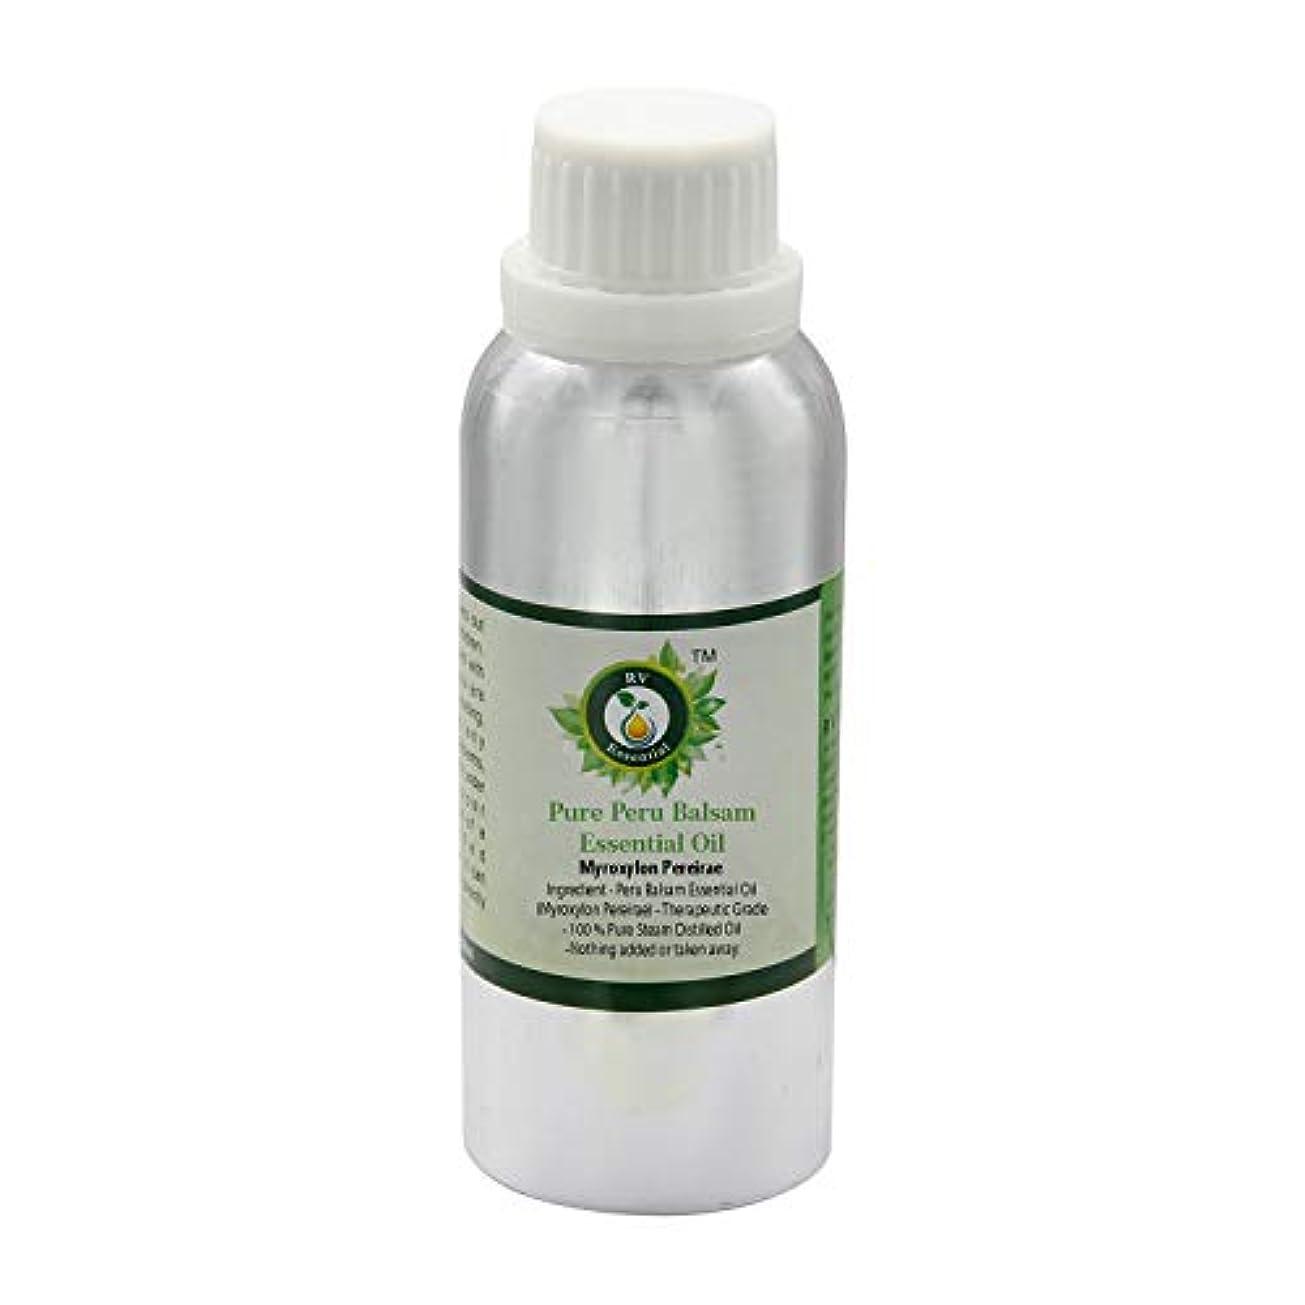 誘導マーティフィールディング医療過誤ピュアペルーバルサム?エッセンシャルオイル630ml (21oz)- Myroxylon Pereirae (100%純粋&天然スチームDistilled) Pure Peru Balsam Essential Oil